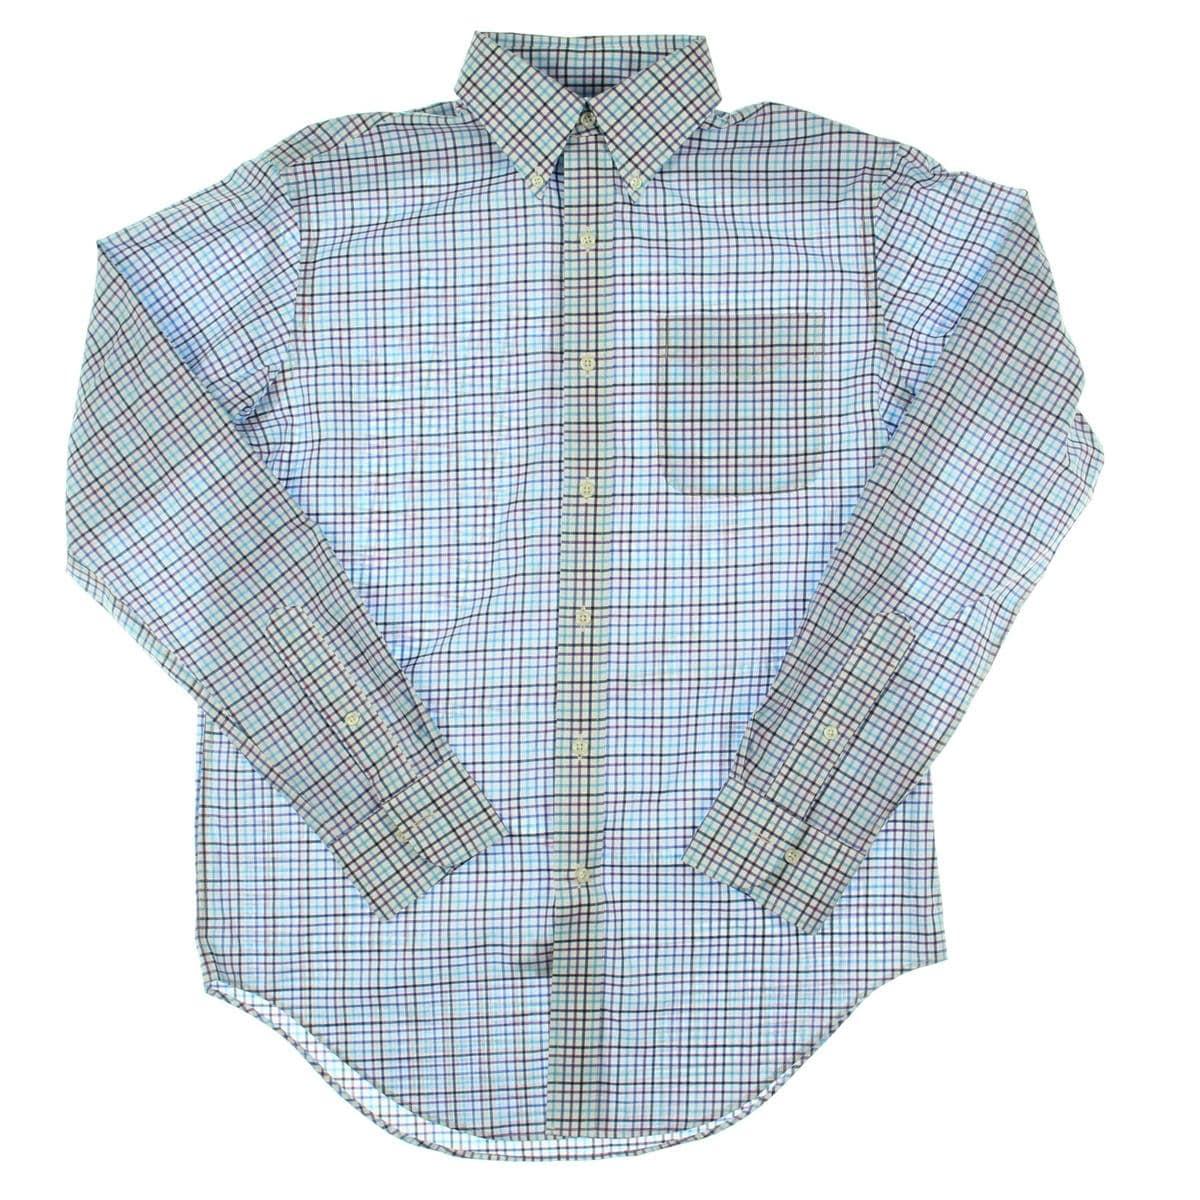 Lauren Ralph Lauren Mens Dress Shirt Classic Fit Non Iron